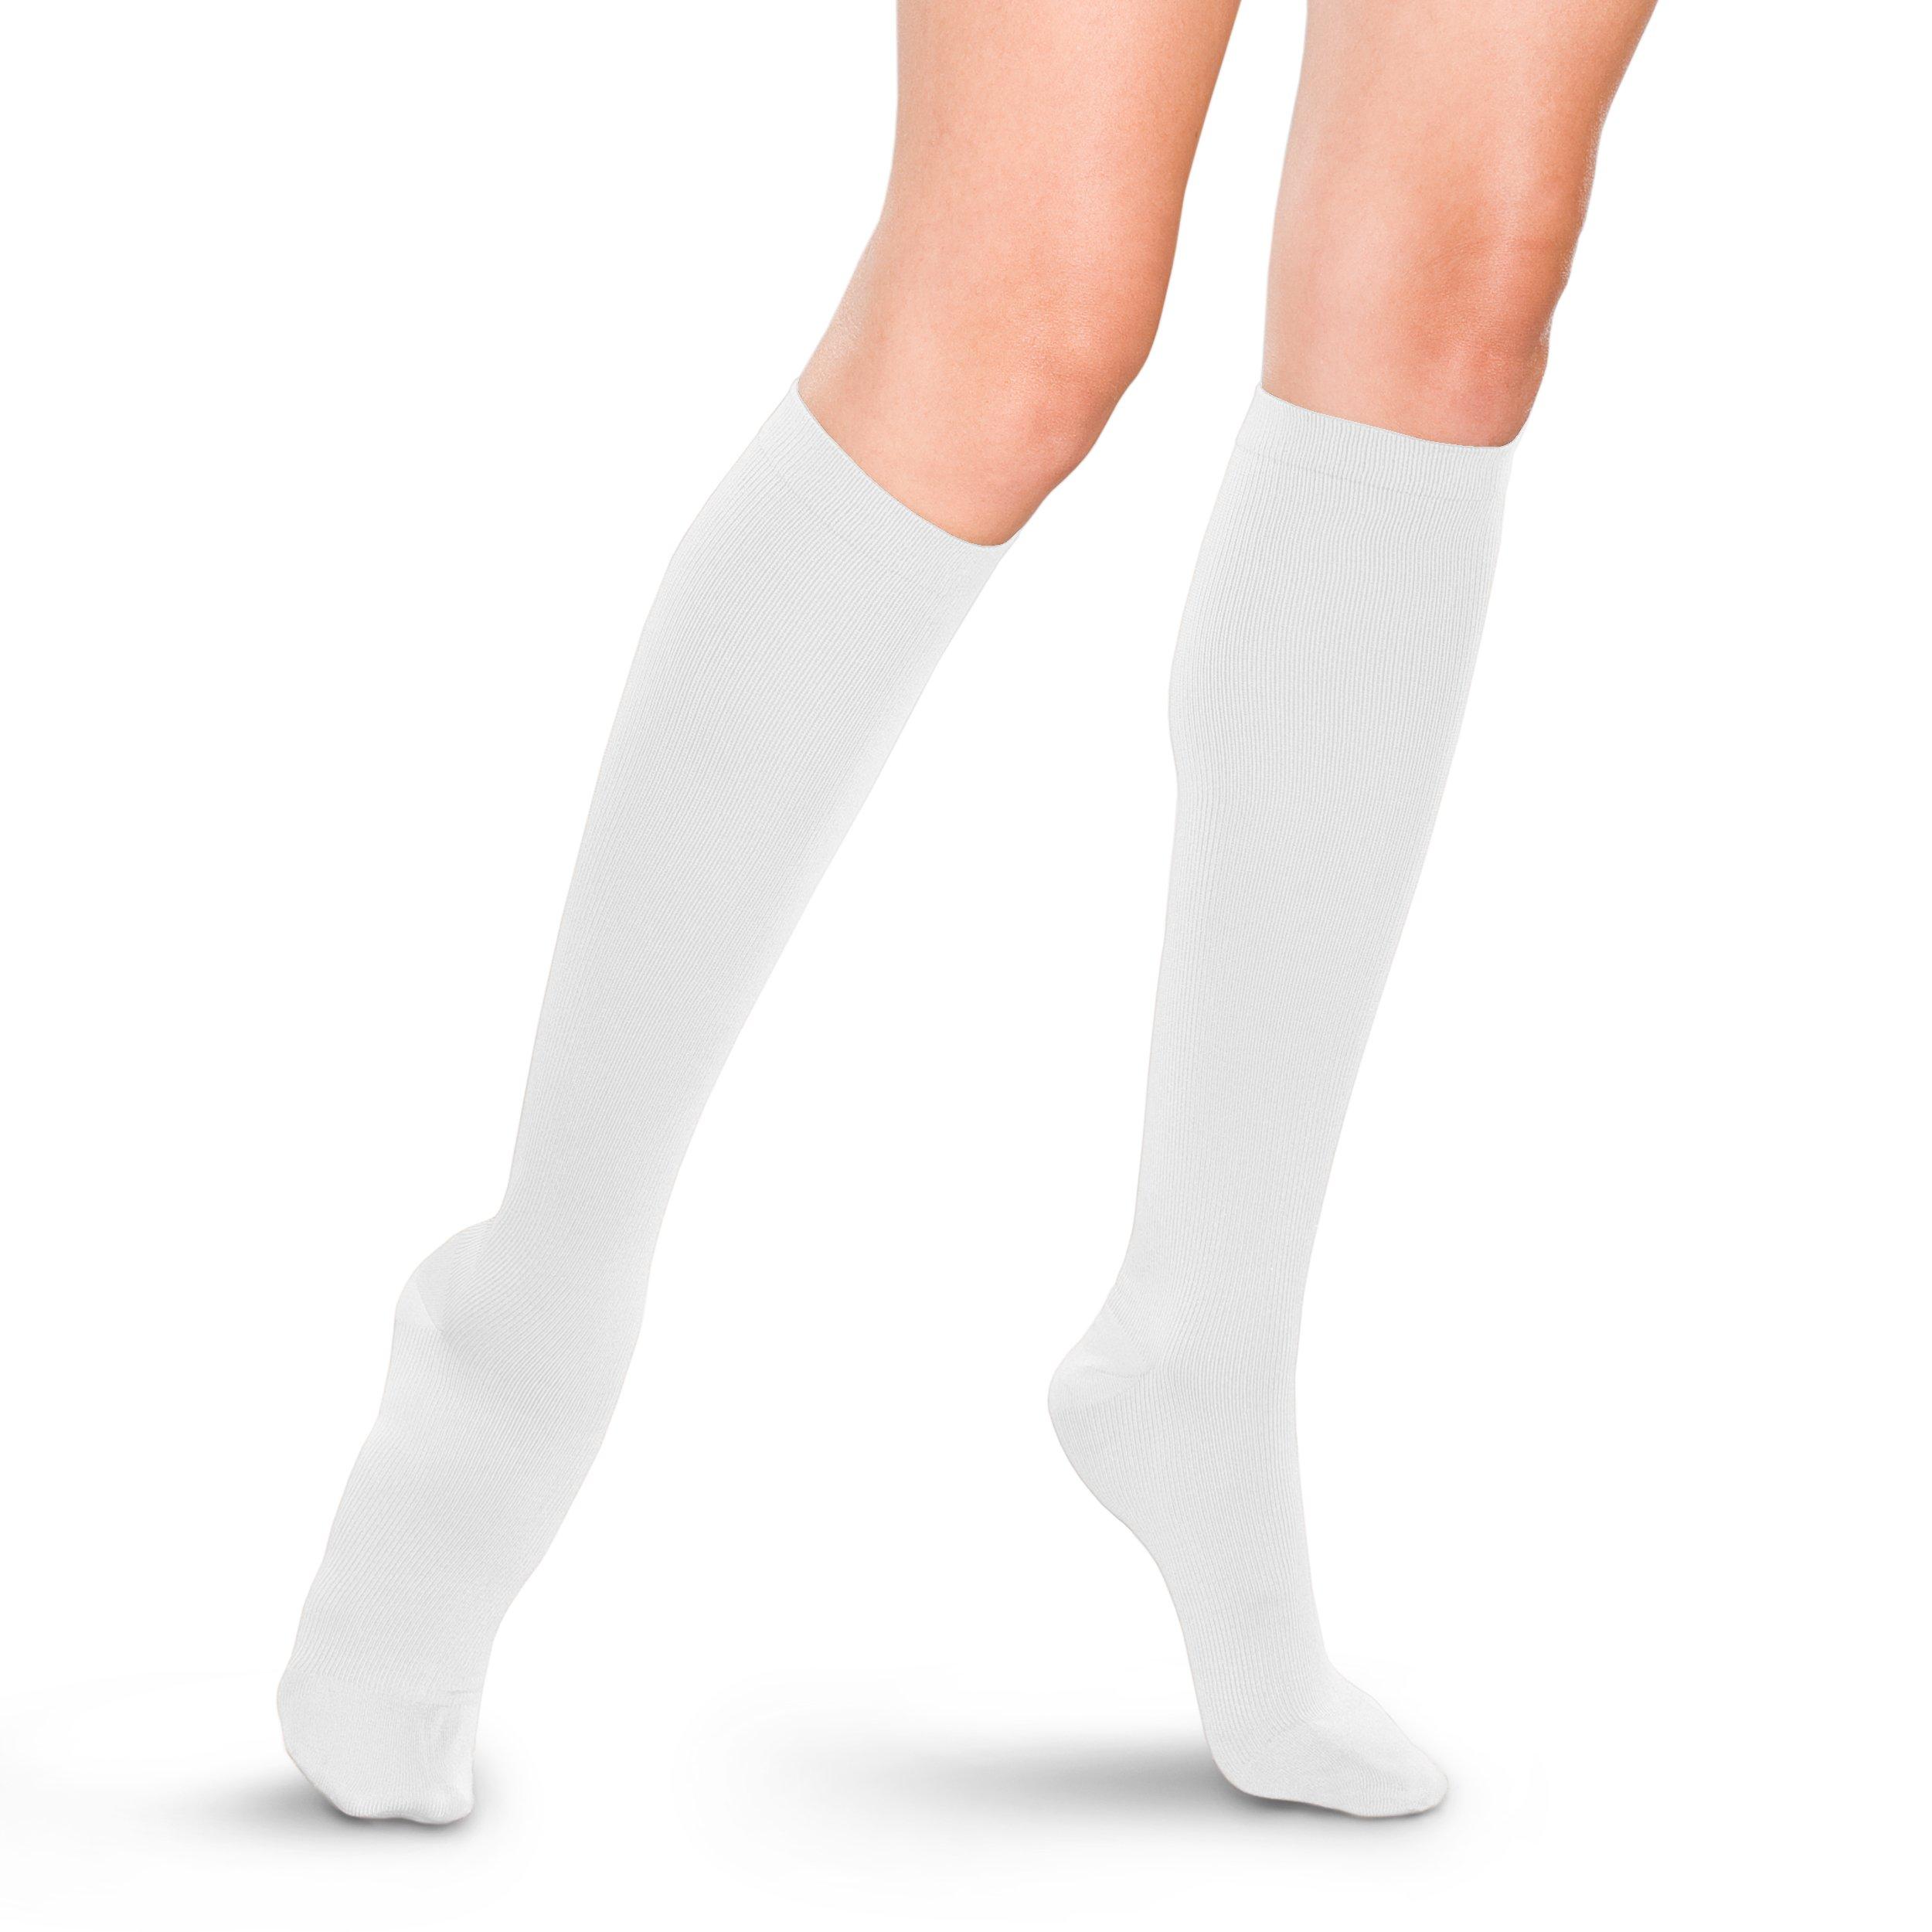 Therafirm Women's Support Trouser Socks - 15-20mmHg Mild Compression Dress Socks (White, Medium)